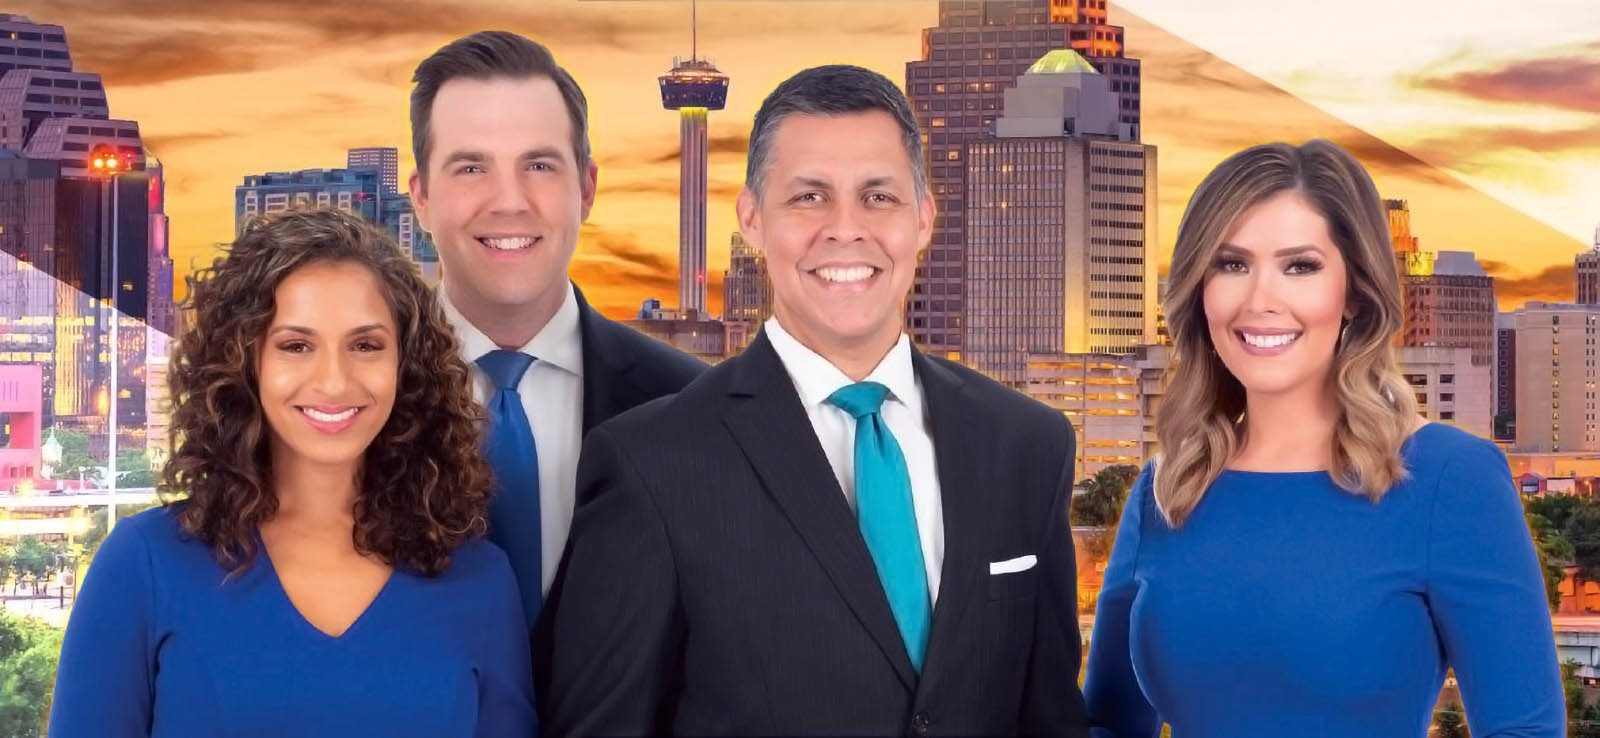 Fox 29 San Antonio News Team